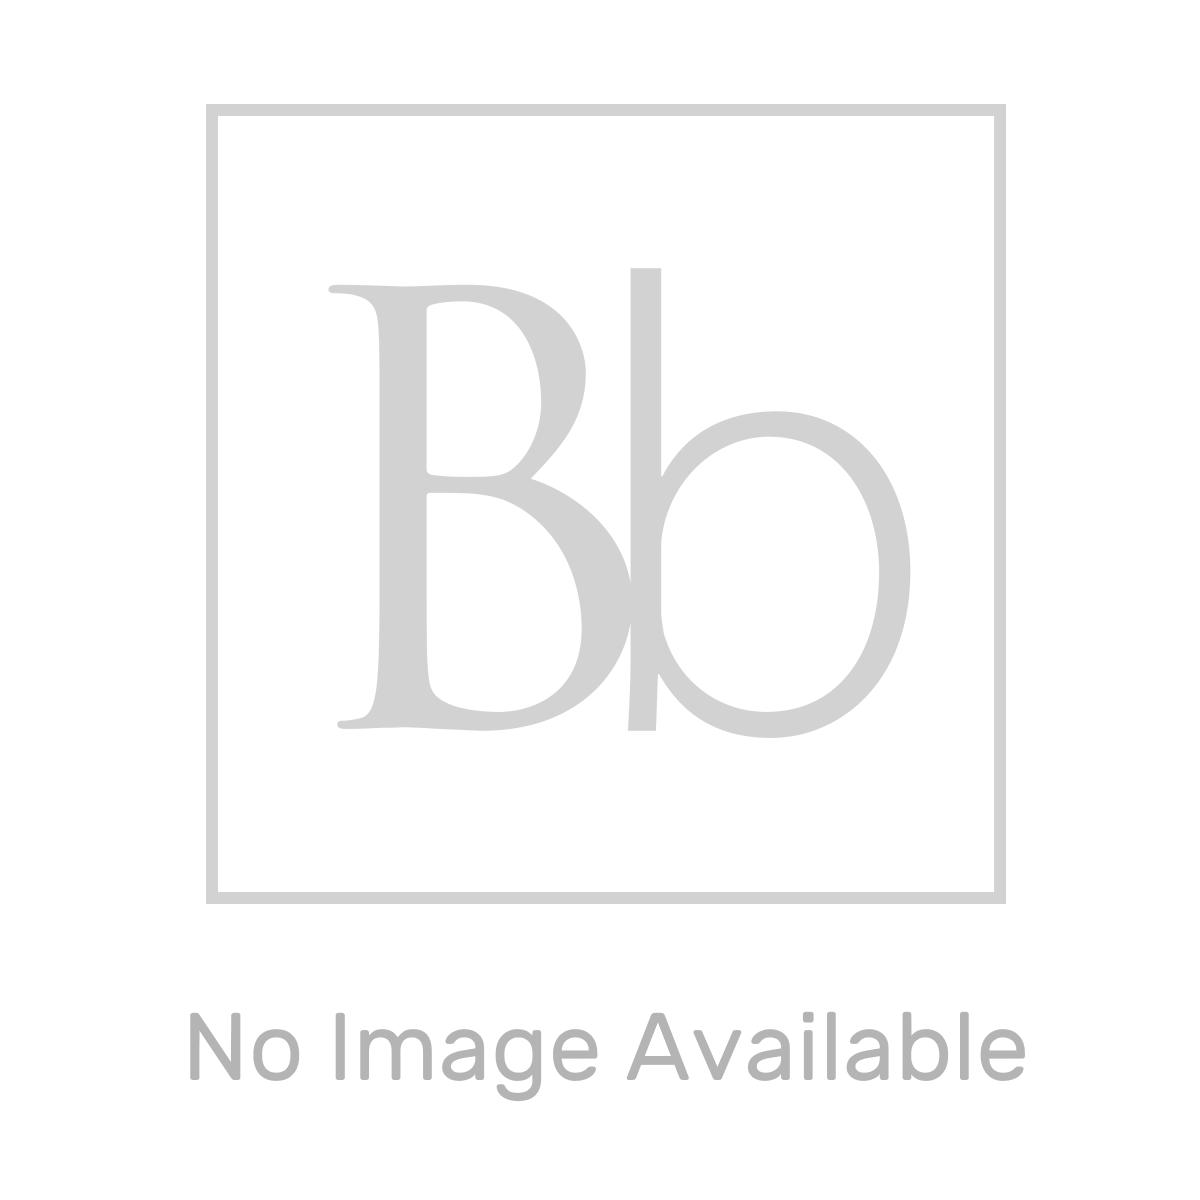 RAK Series 600 Left Handed L Shaped Shower Bath Suite